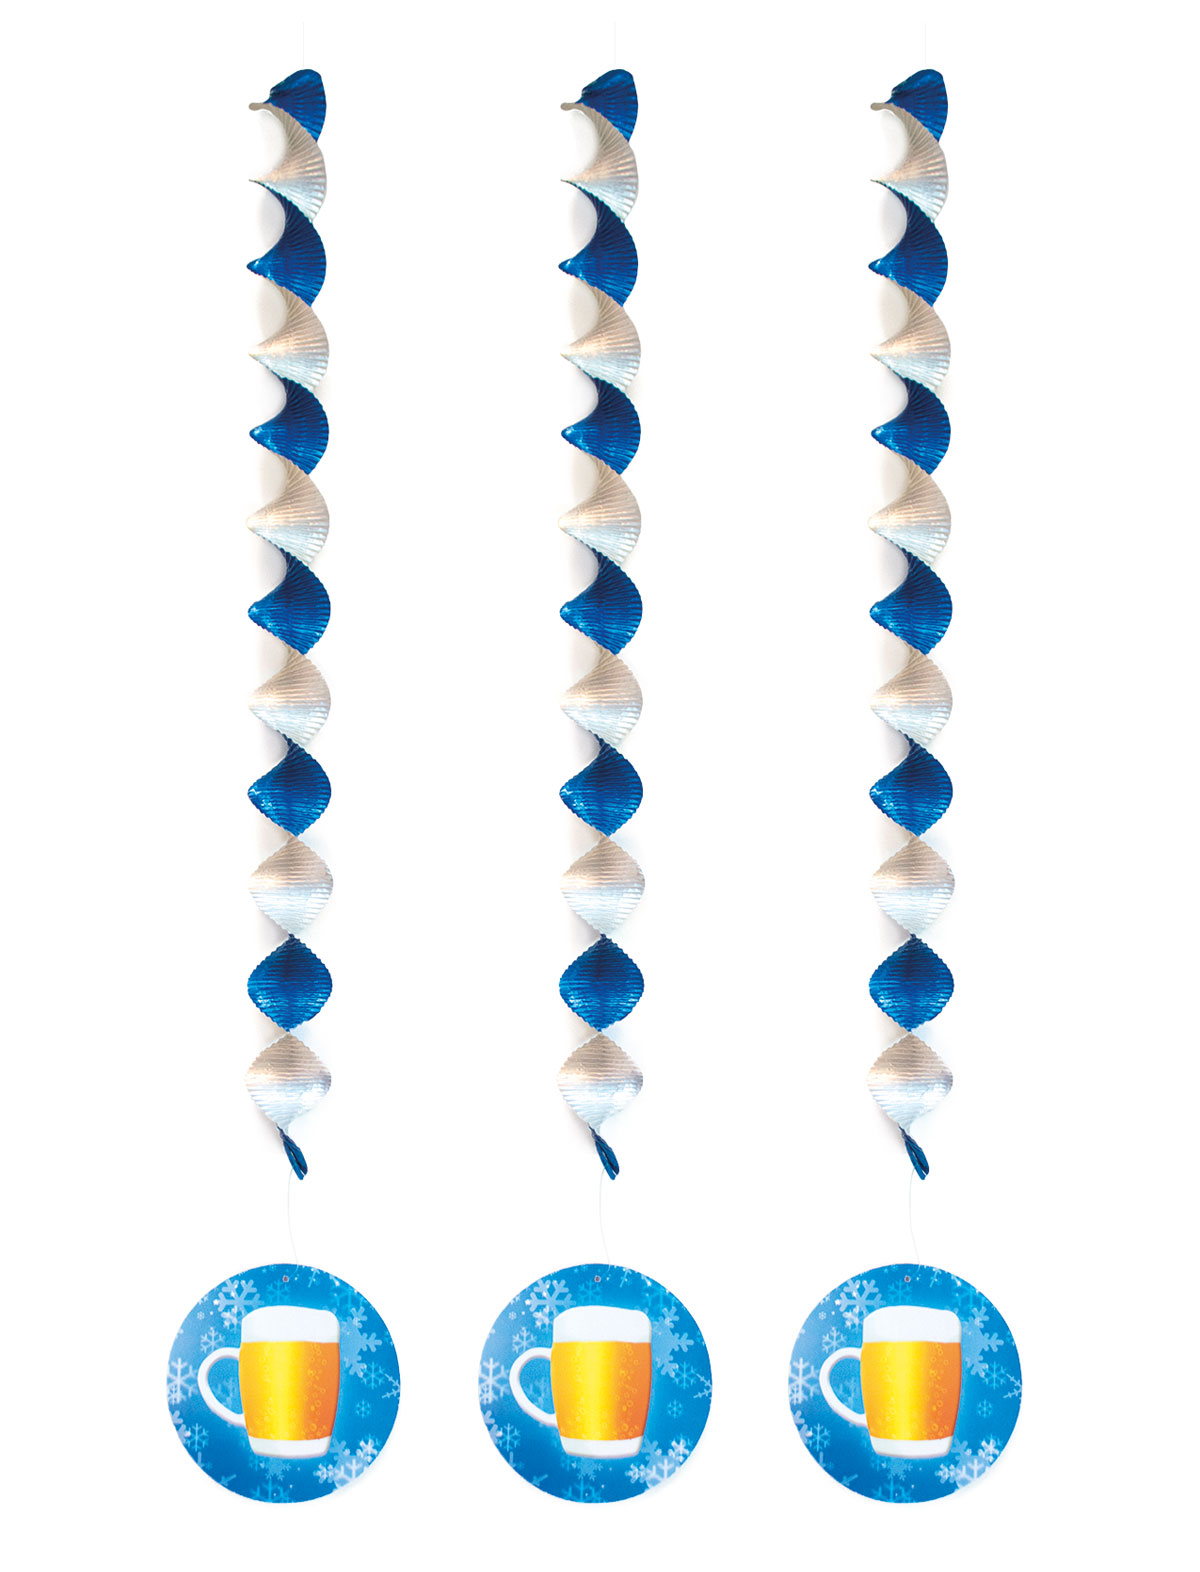 Deko-Rotor-Spiralen Bierkrug - 3er Set